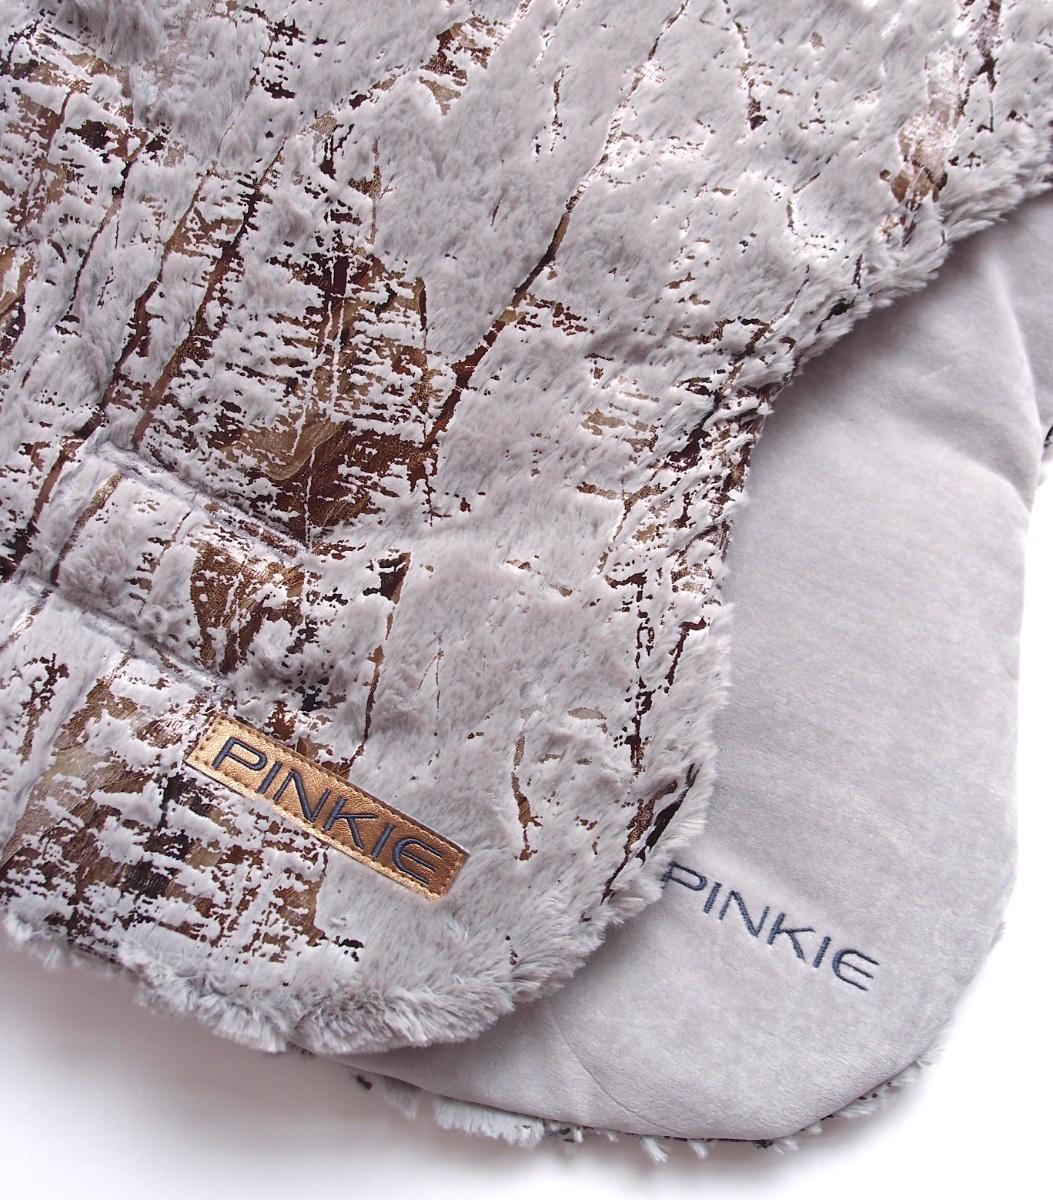 kliknutít zobrazíte maximální velikost obrázku Sitzeinlage Fur Gold Grey